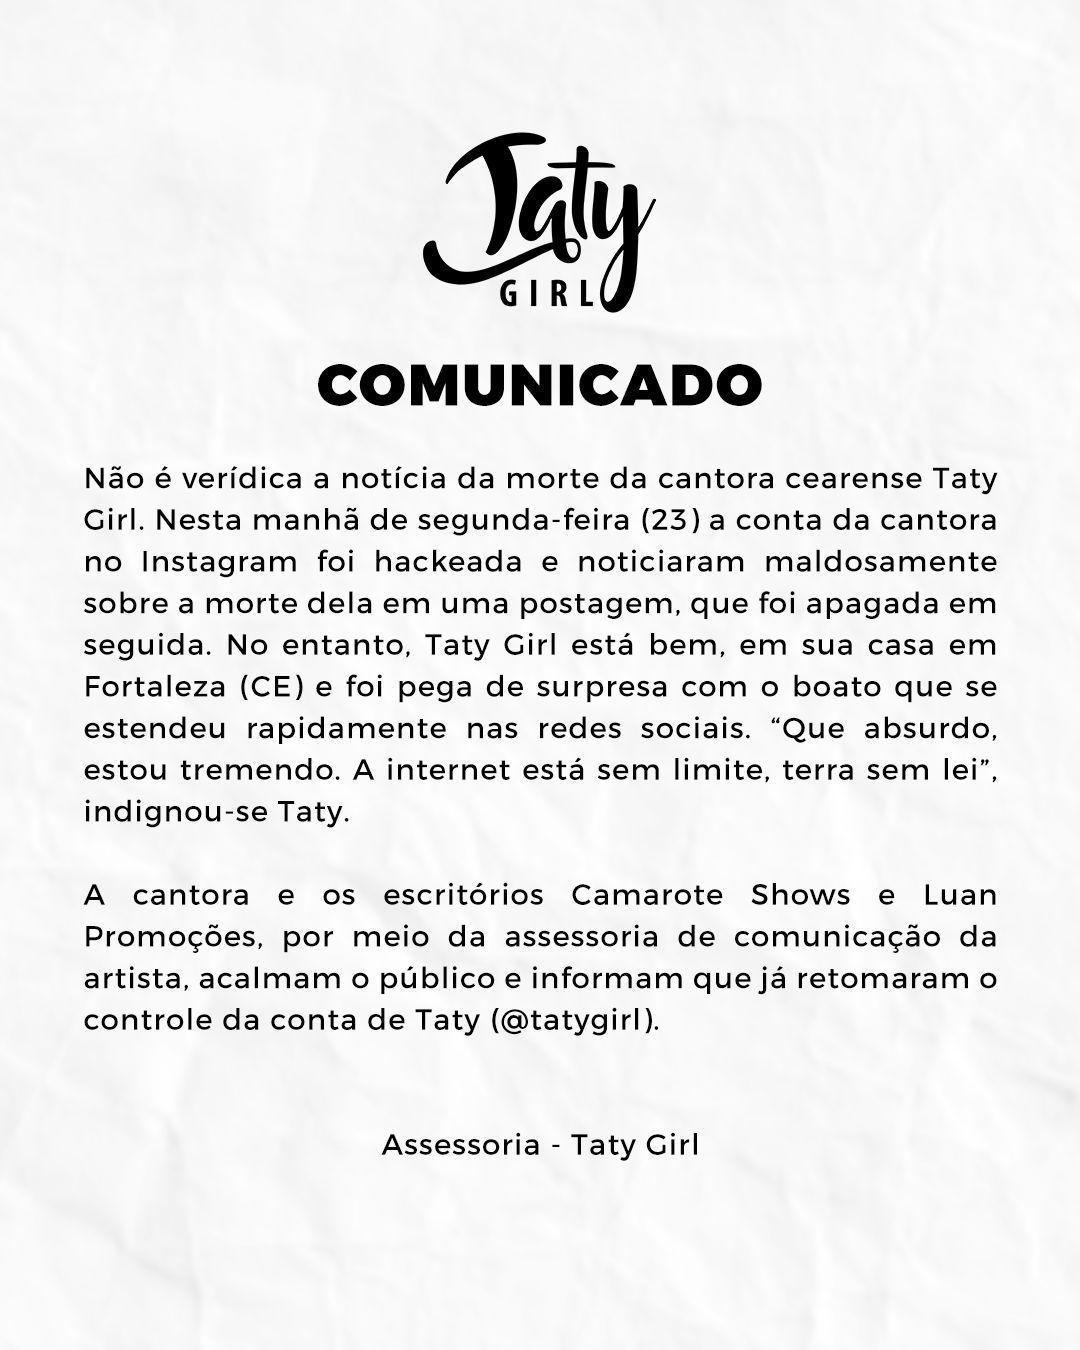 Assessoria da cantora emite comunicado (Foto: Divulgação)